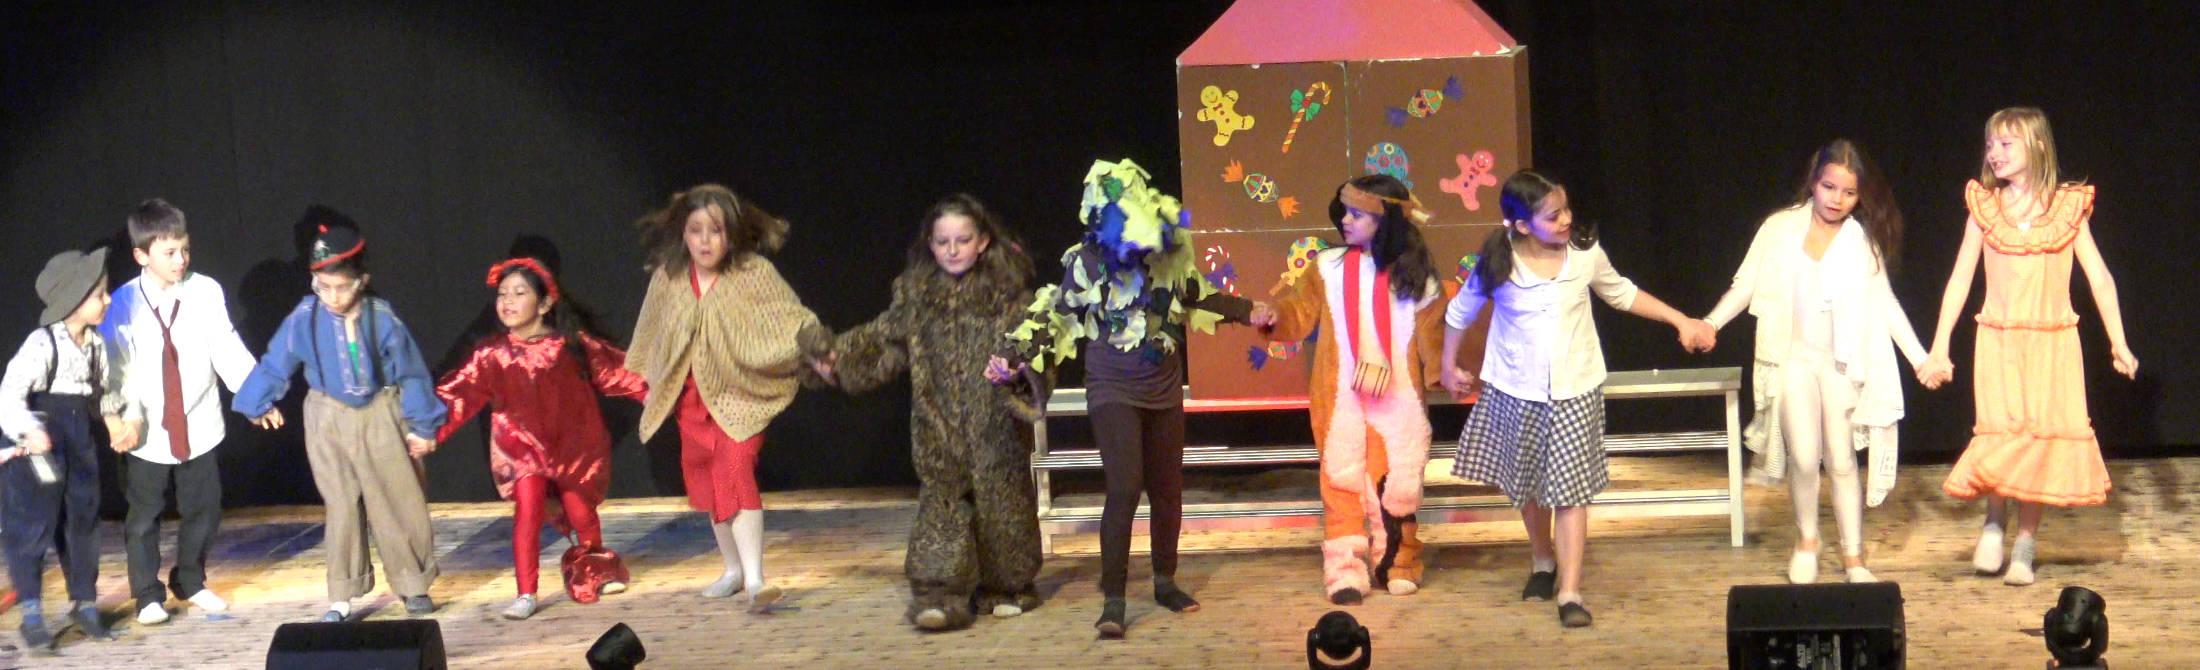 Atelier théâtre Binokyo - représentation cours petits 2018